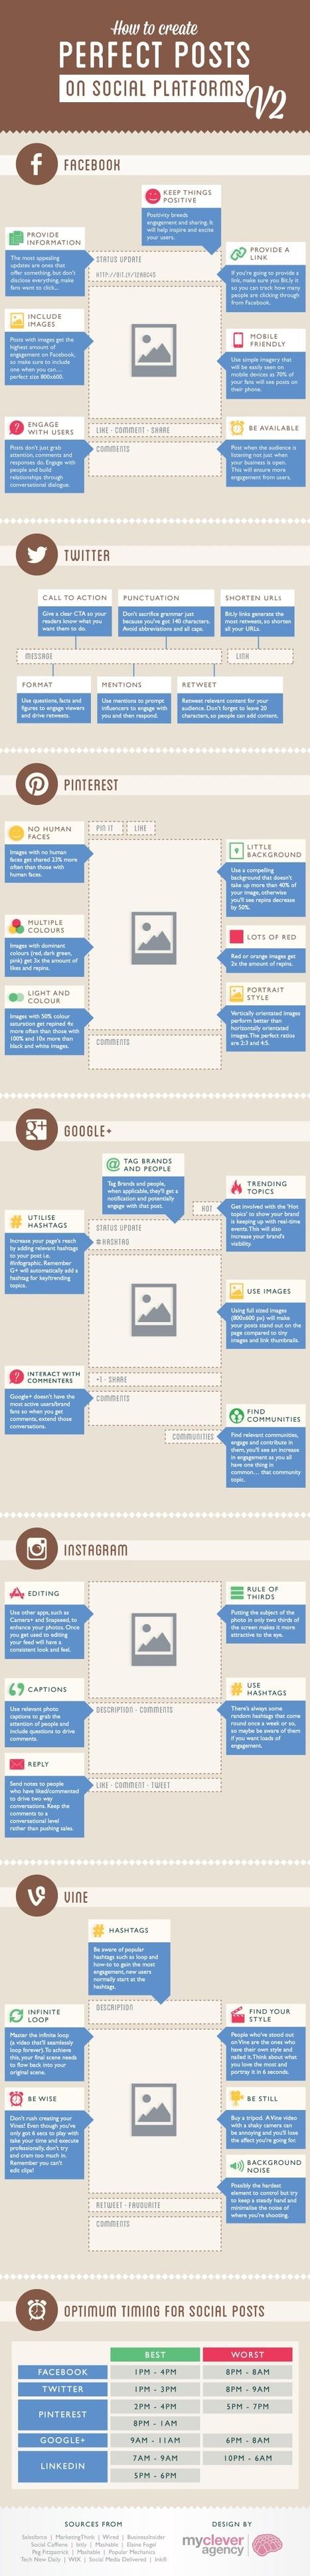 Comment créer des posts engageants sur les réseaux sociaux ? | Social Media | Scoop.it